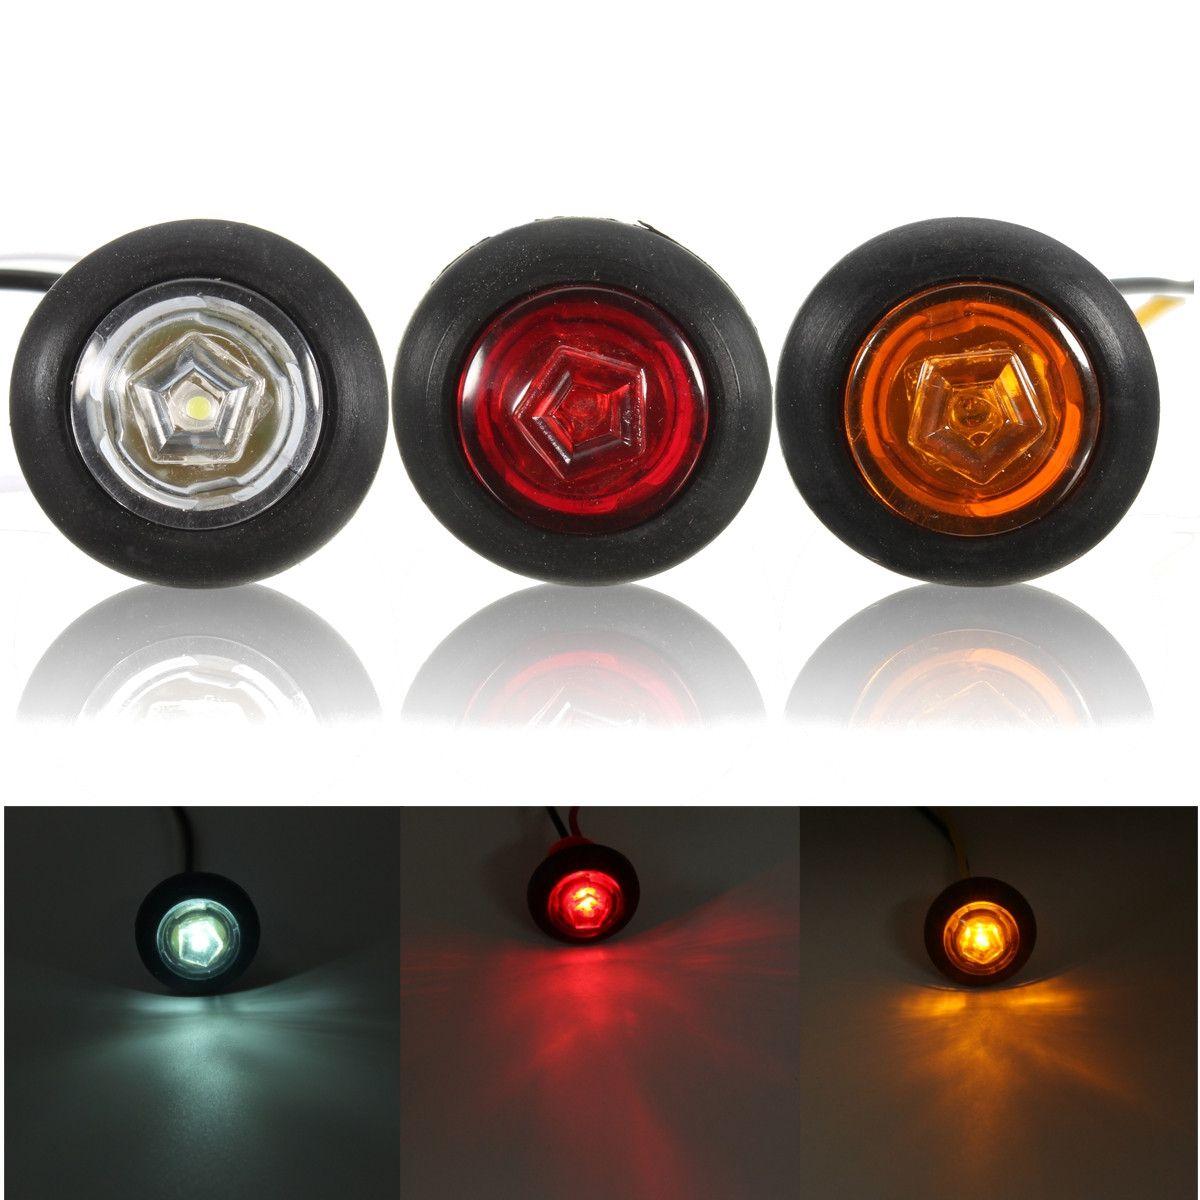 Universal Amber Red White Side Marker Light Led Lamp For 12v 24v Car Van Truck Trailer Led Lamp Red And White Led Lights